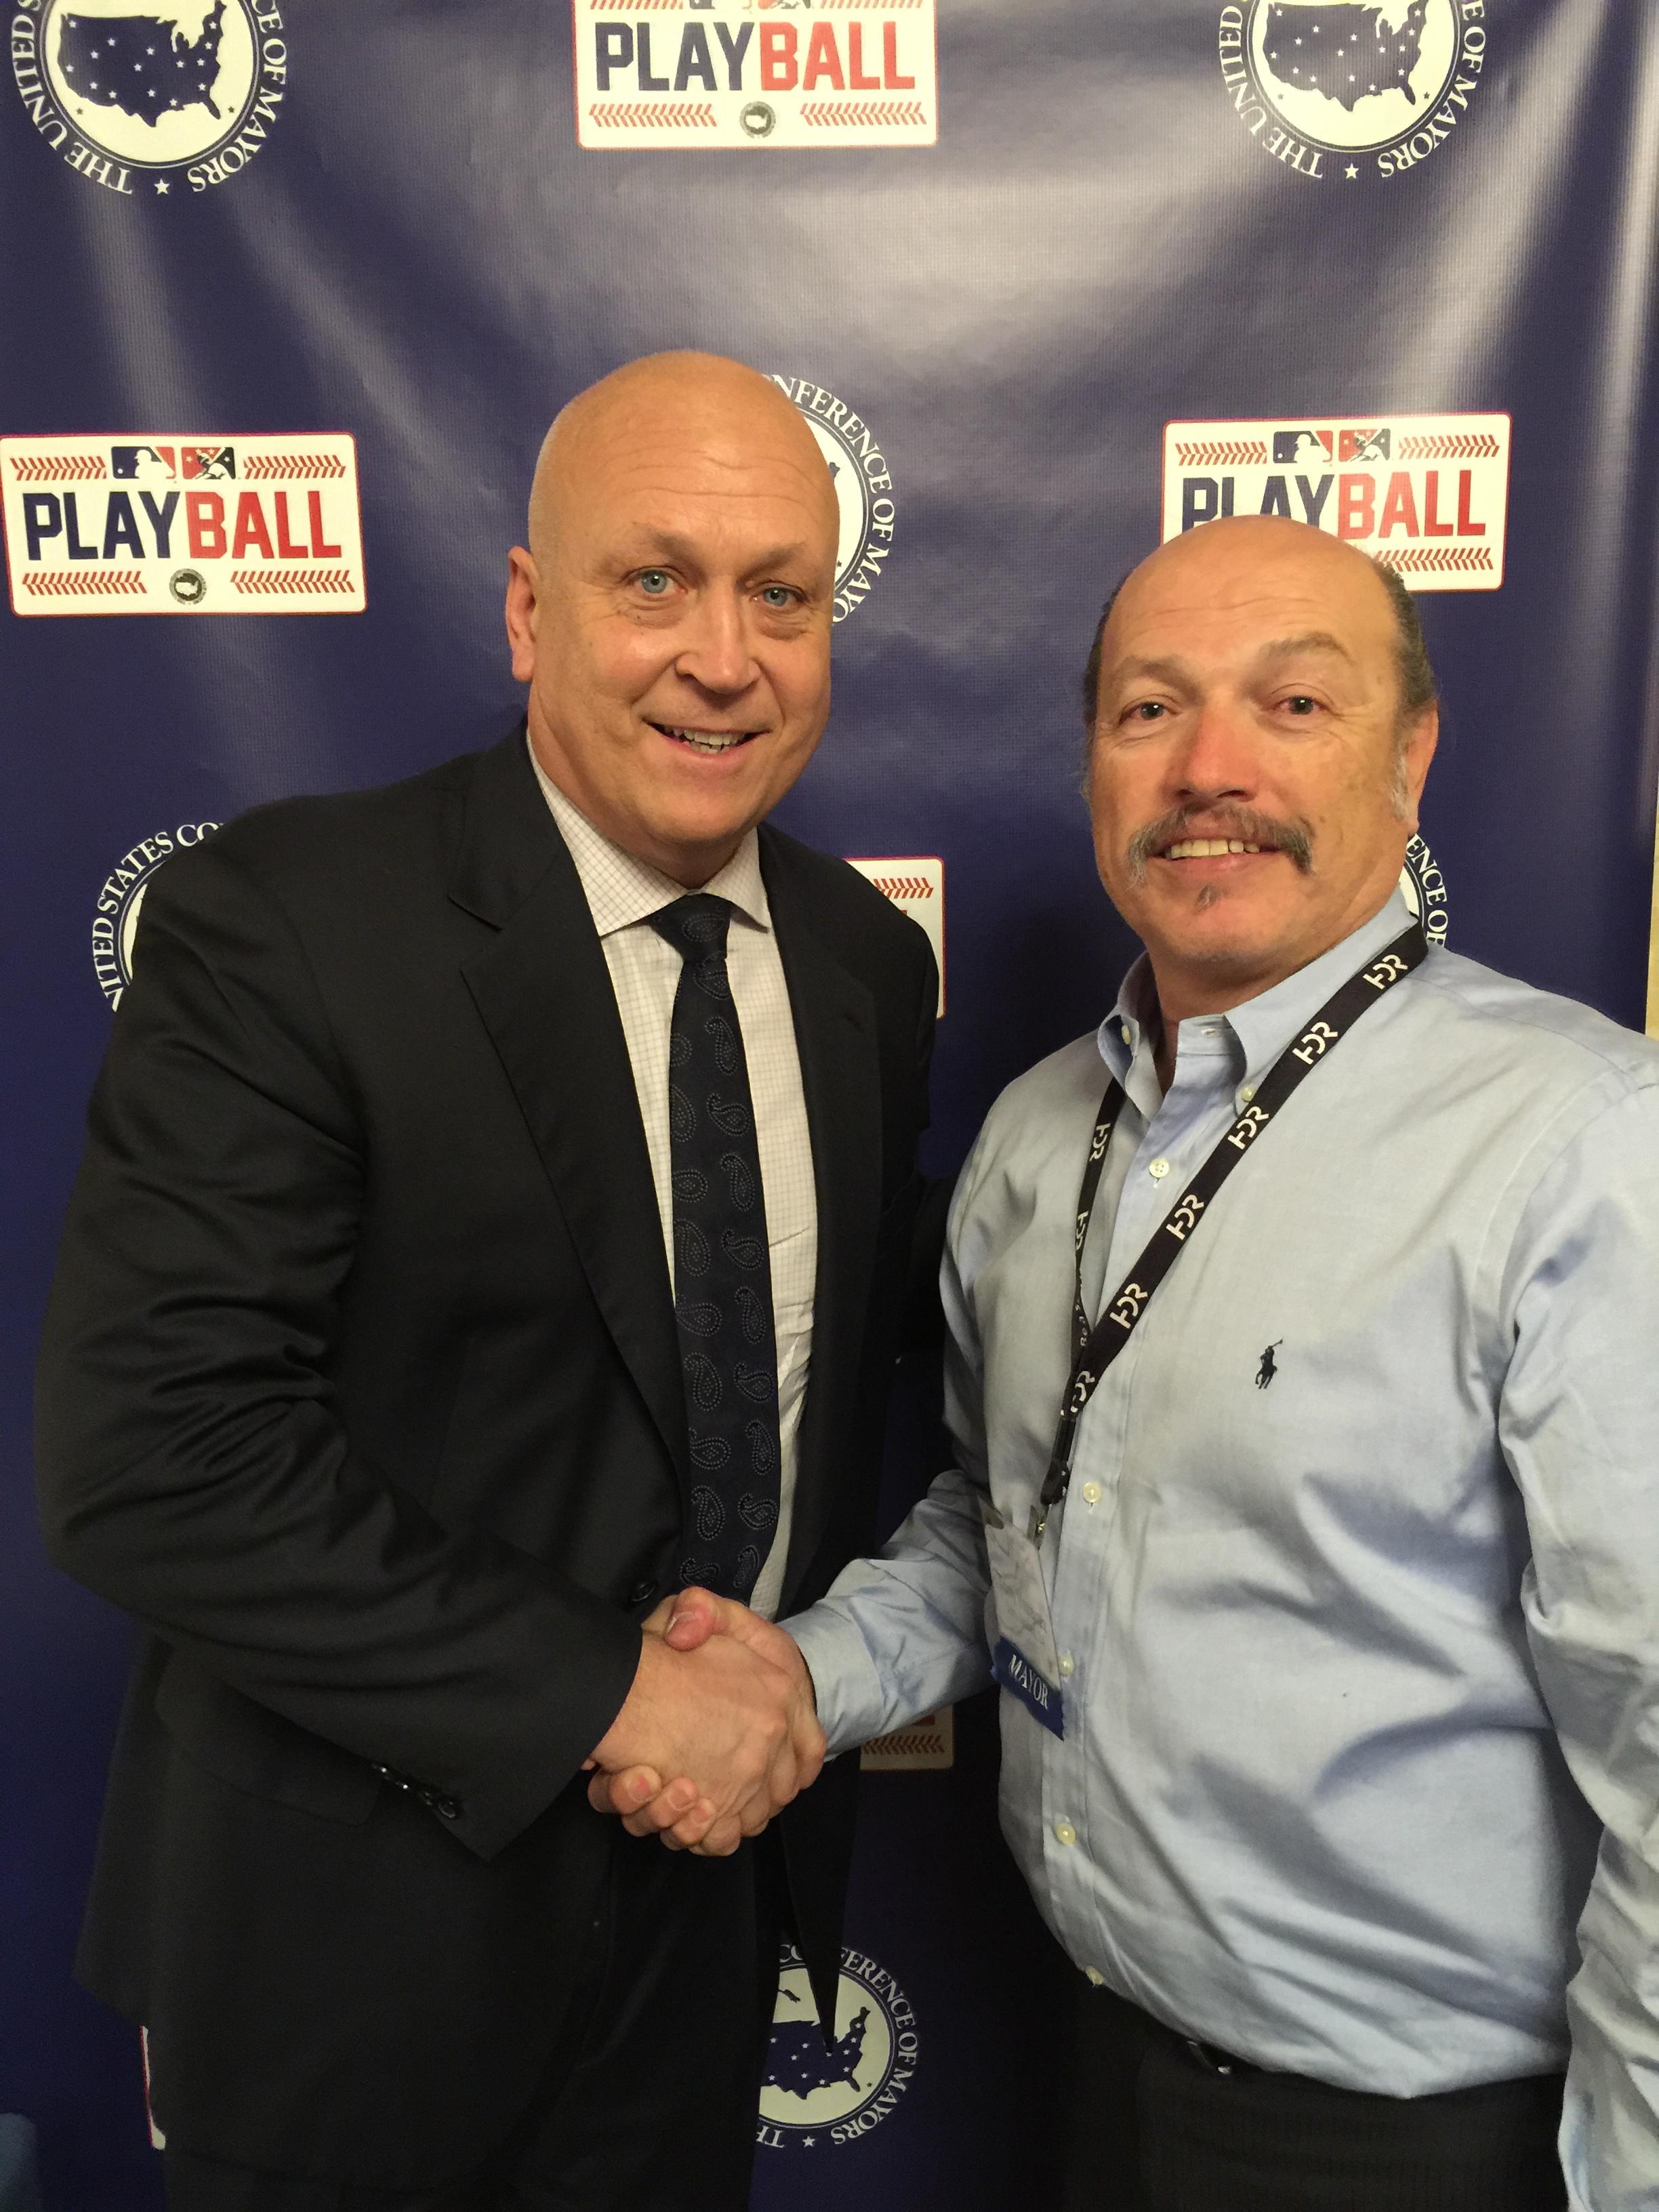 Tony with hall of famer Cal Ripken Jr.